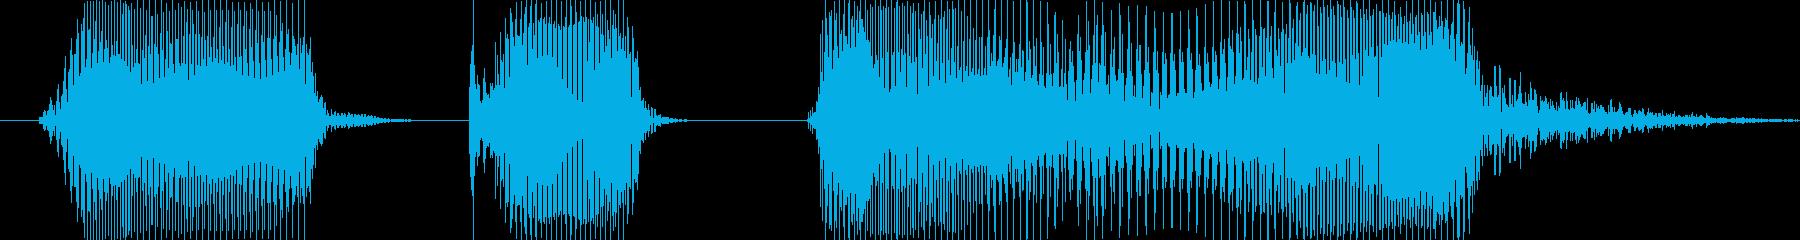 わかりました!の再生済みの波形